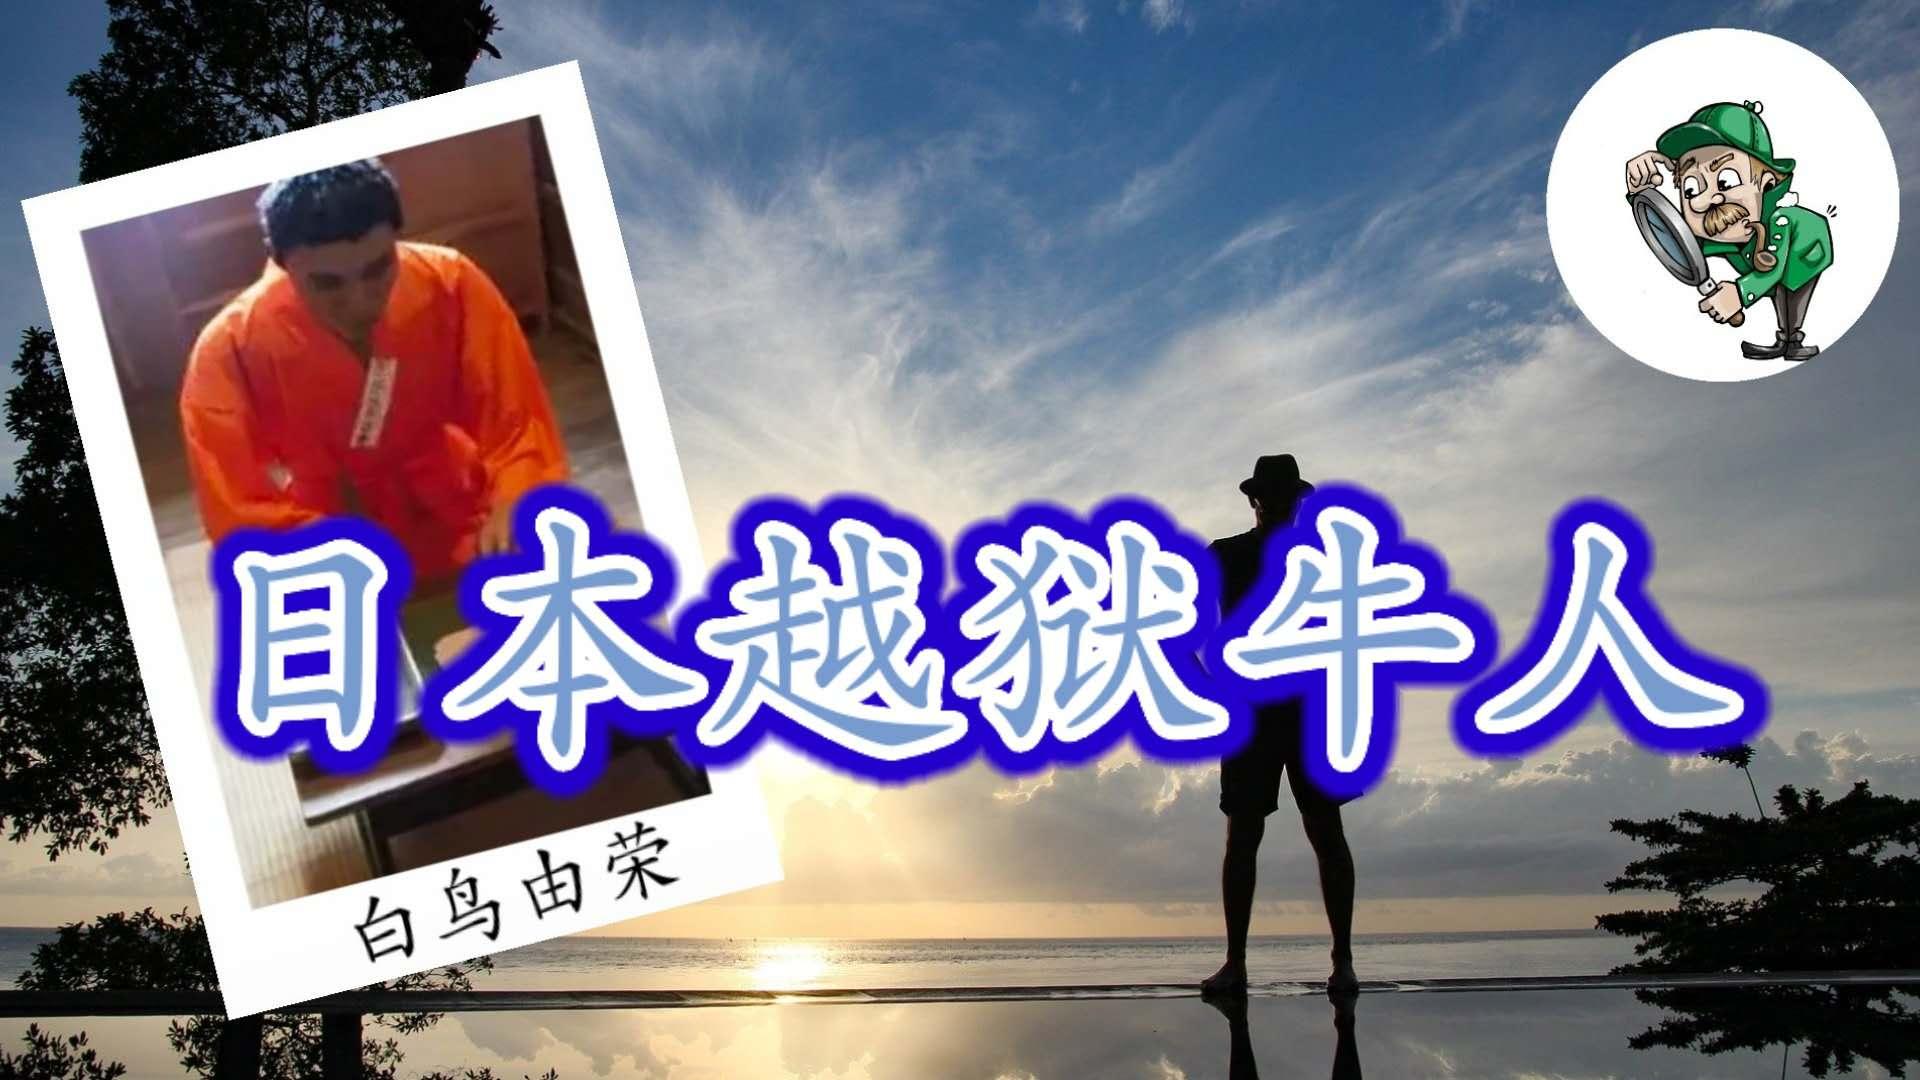 日本越狱之王:白鸟由荣,11年4次神一样越狱,猪一样被抓!